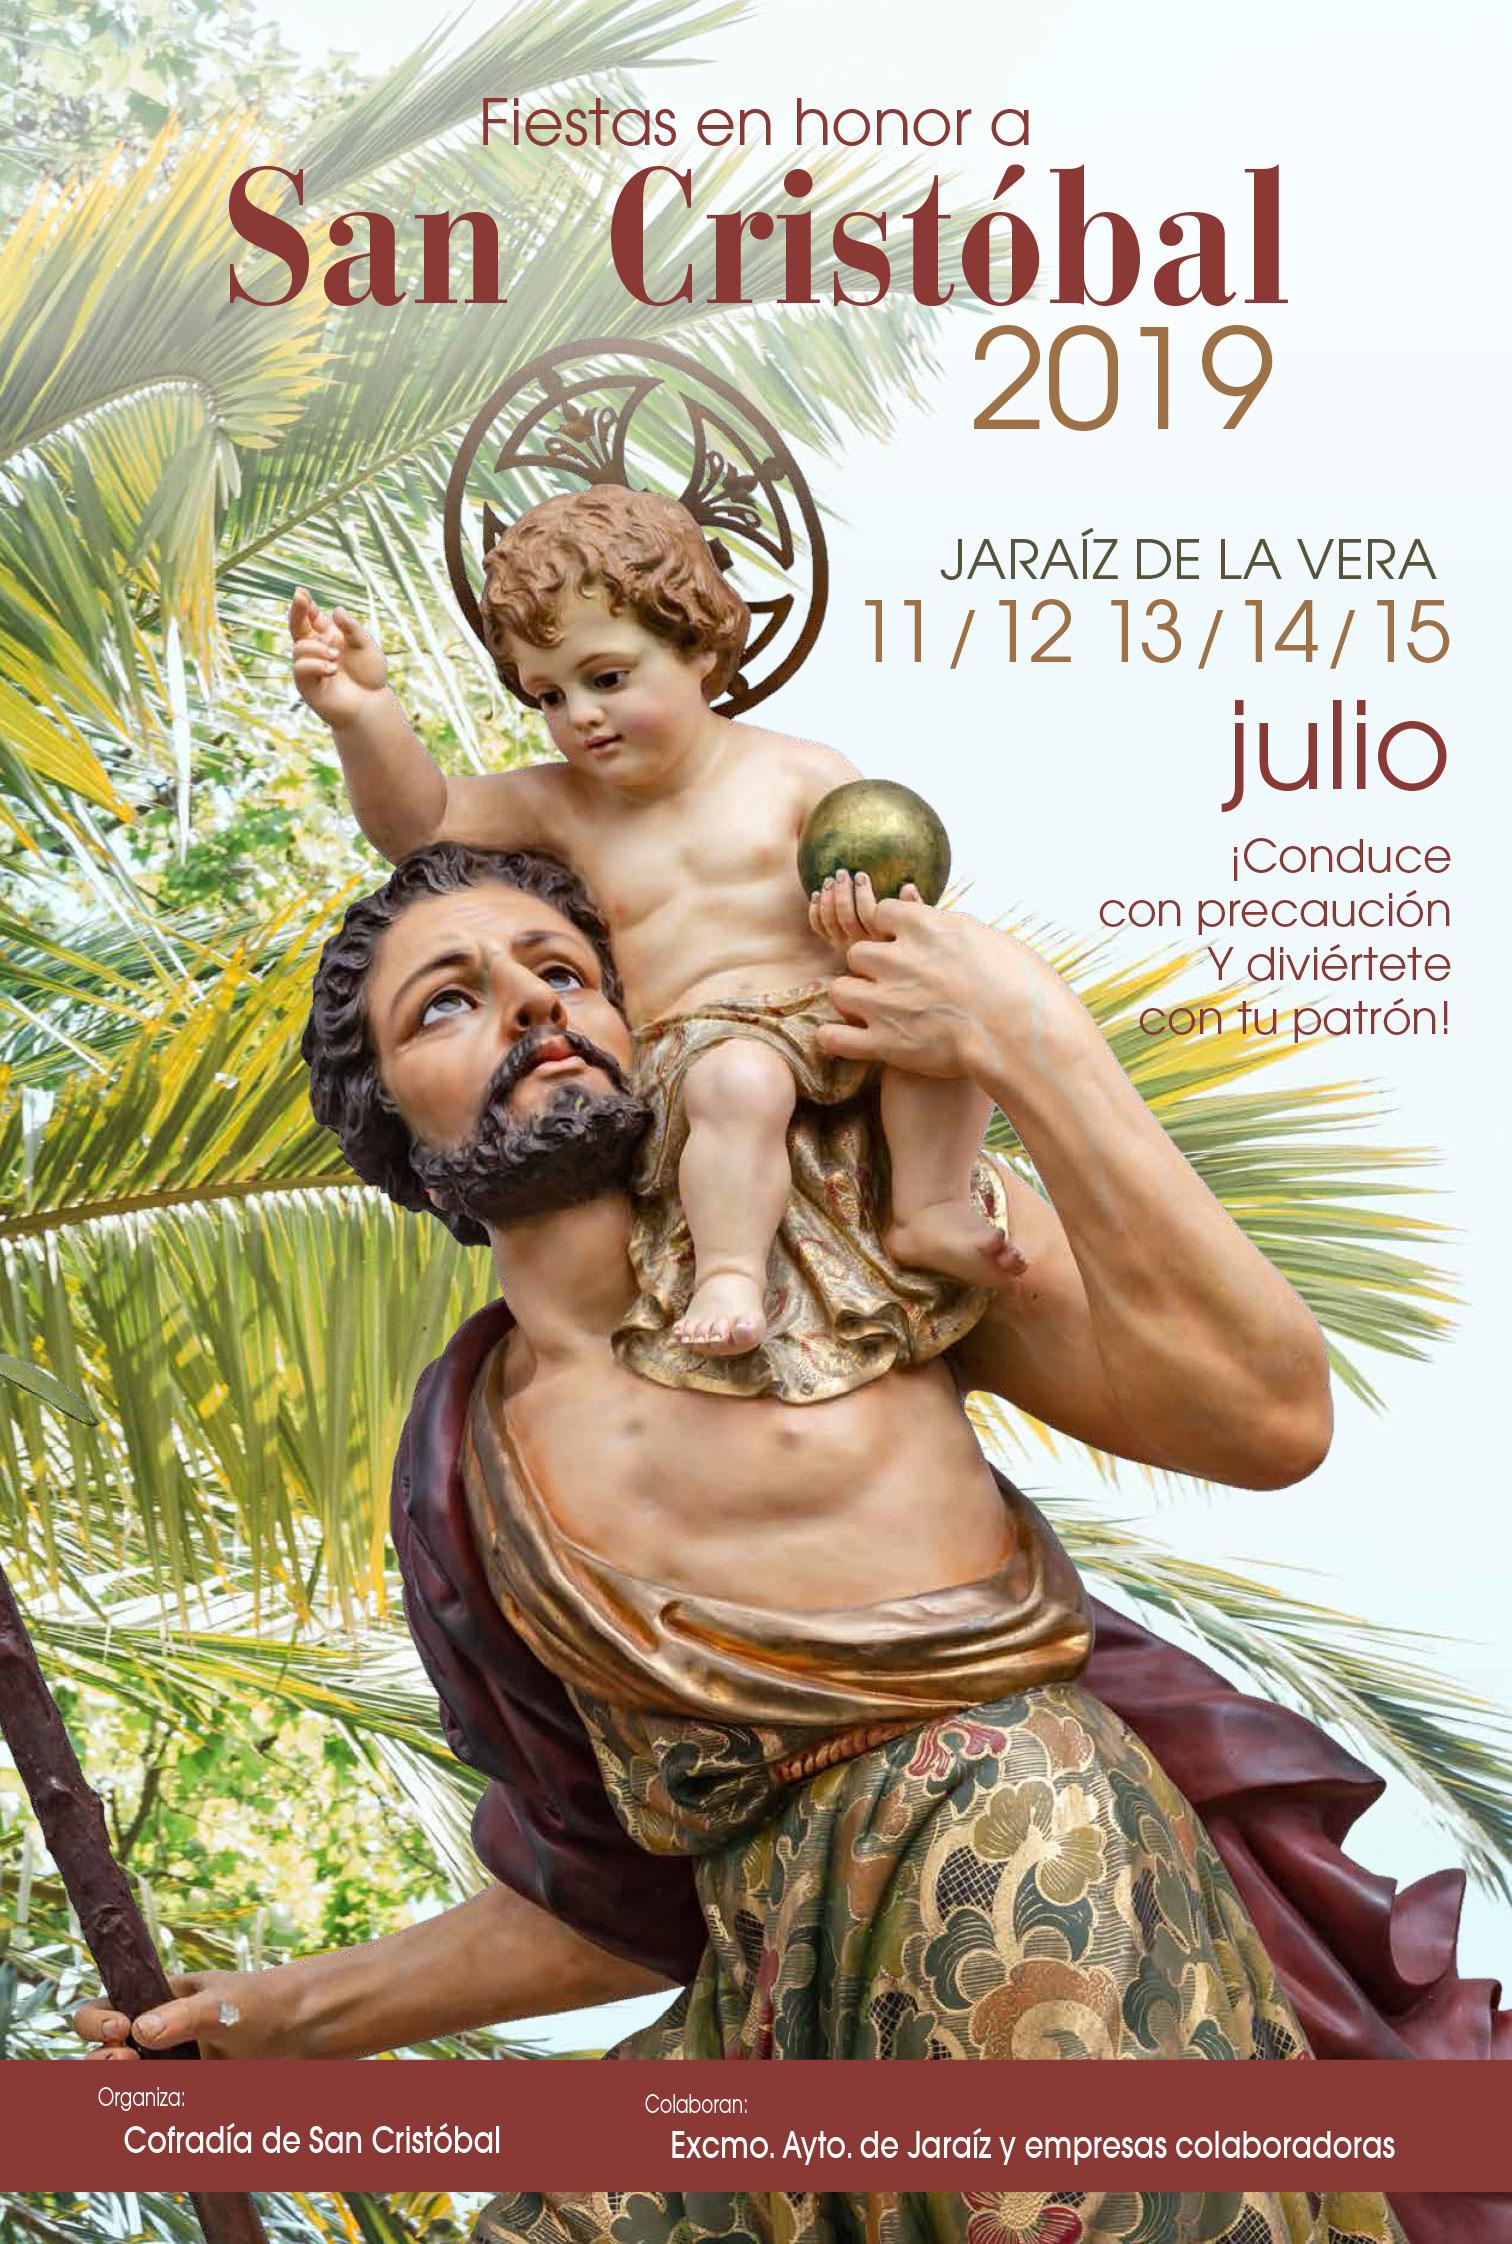 Programa completo de las Fiestas en honor a San Cristóbal 2019 en Jaraíz de la Vera